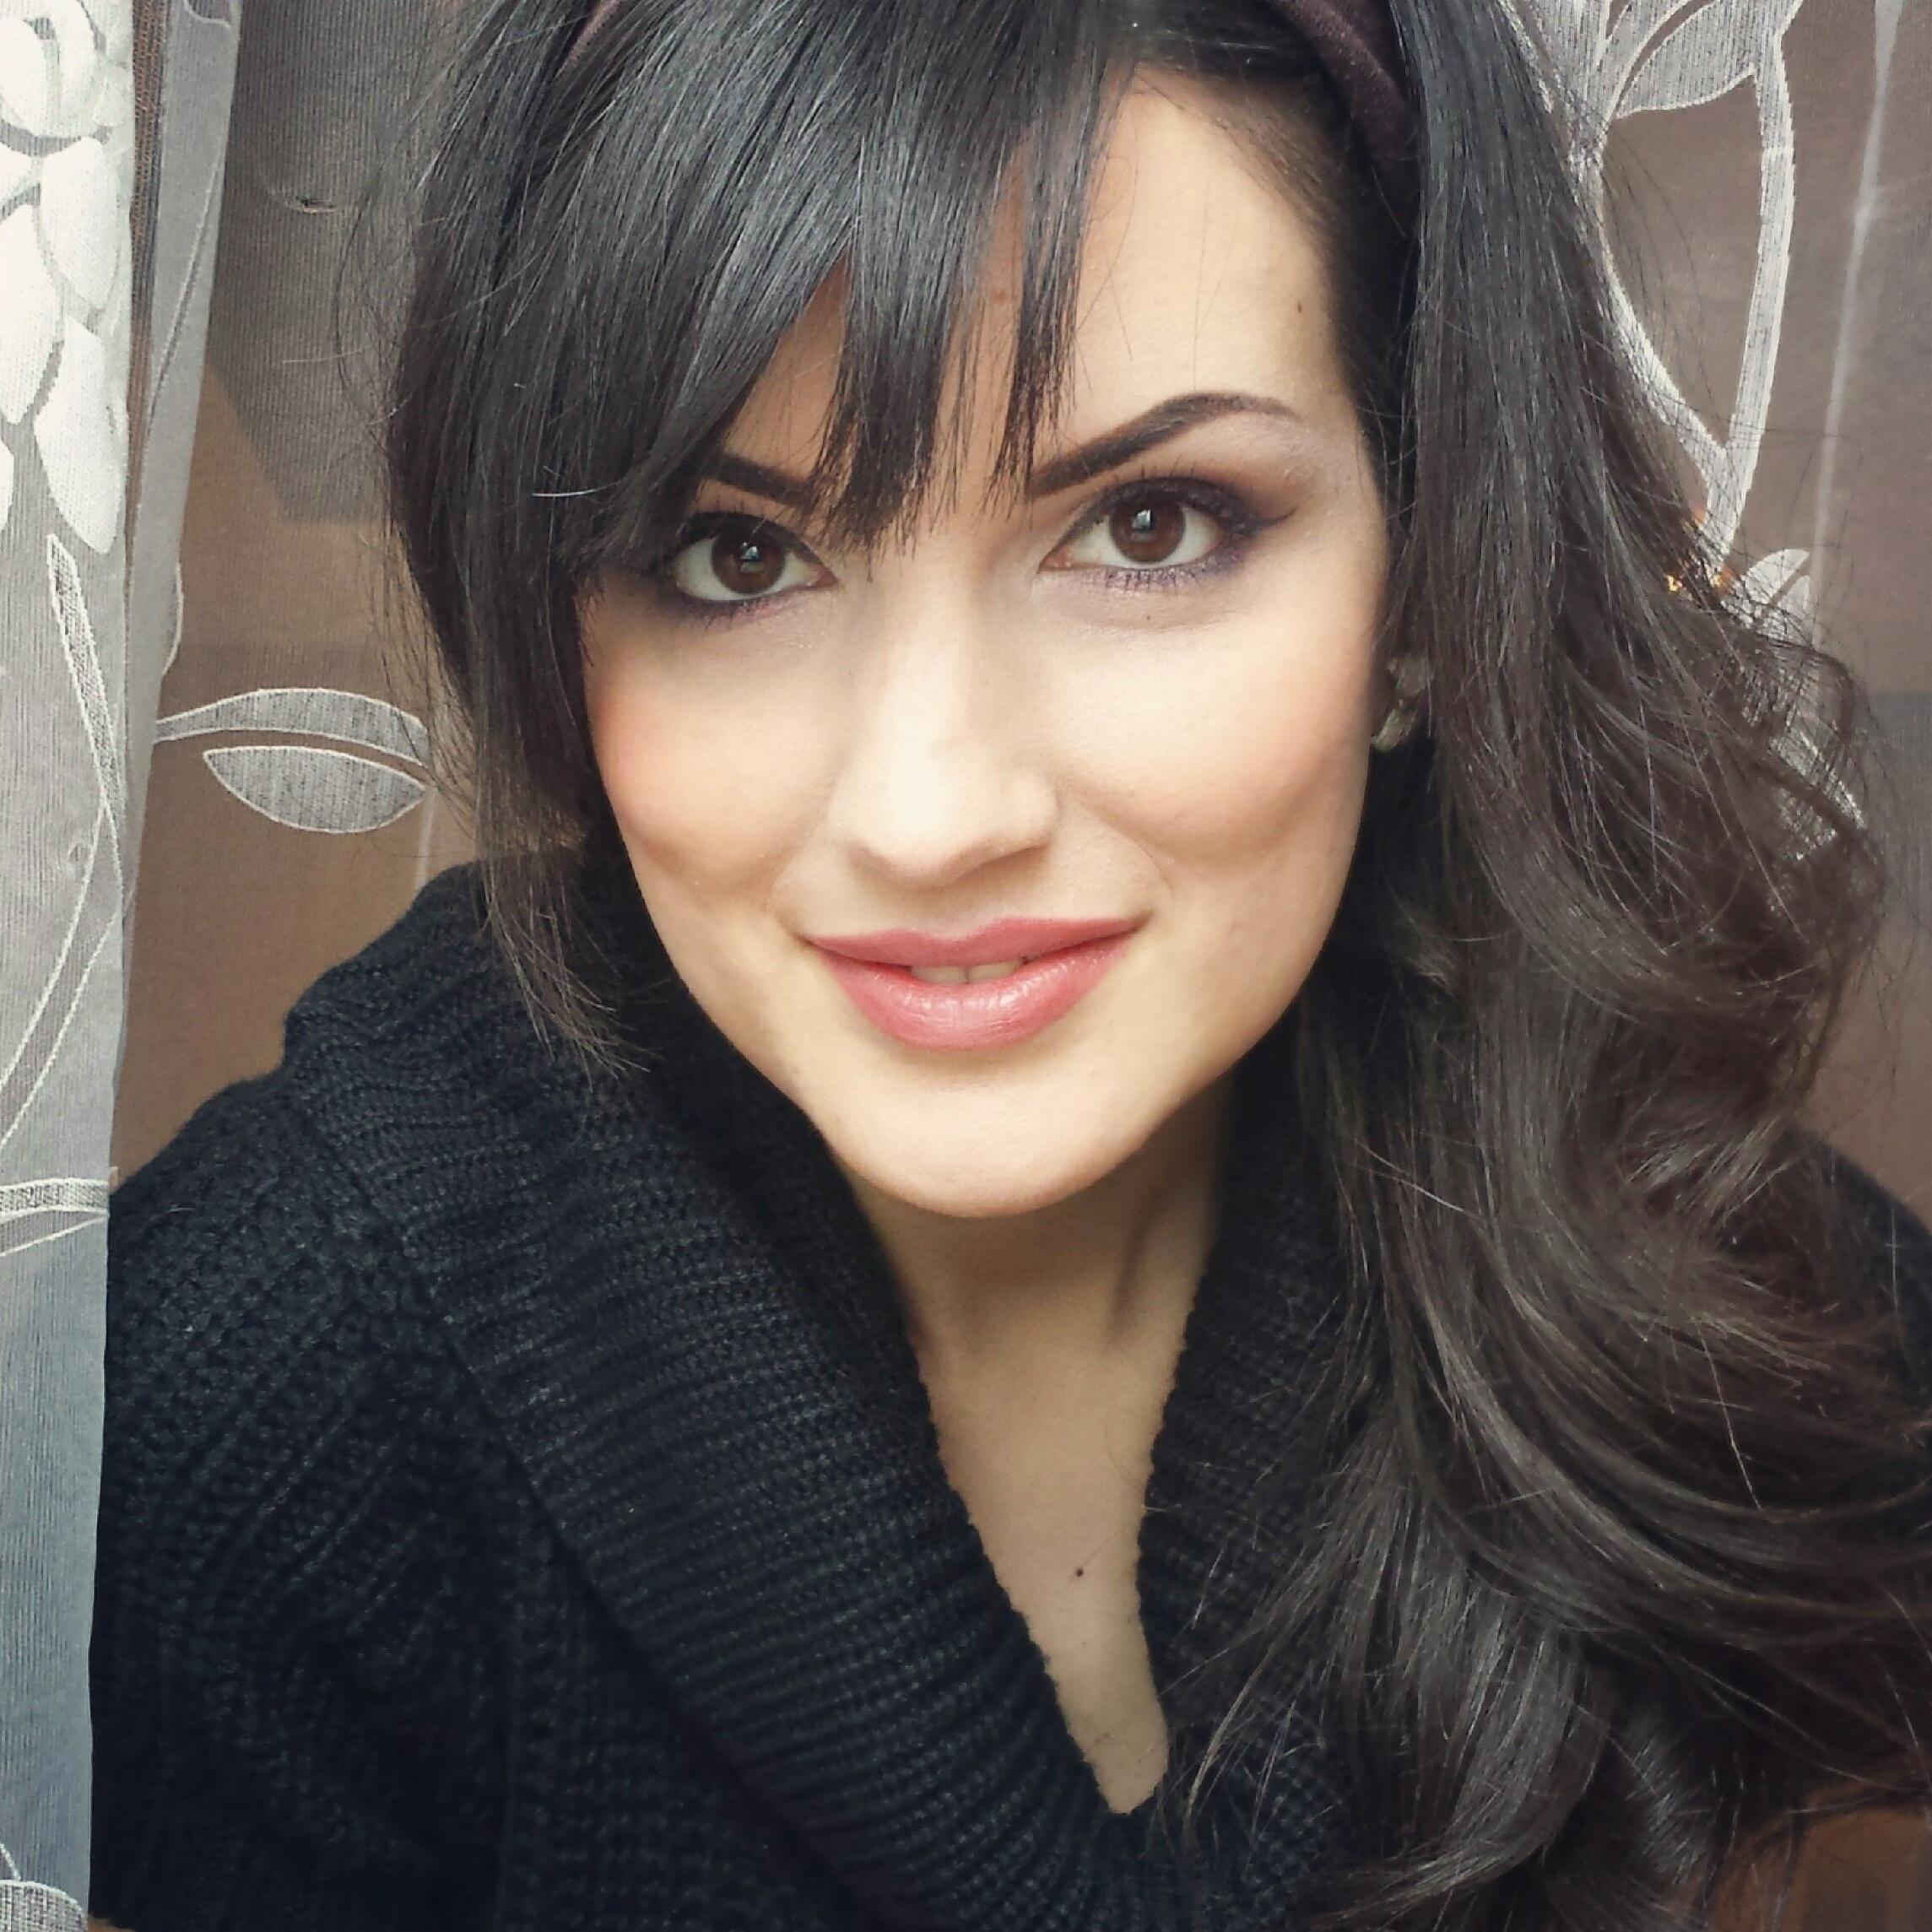 Nadia Falcioni